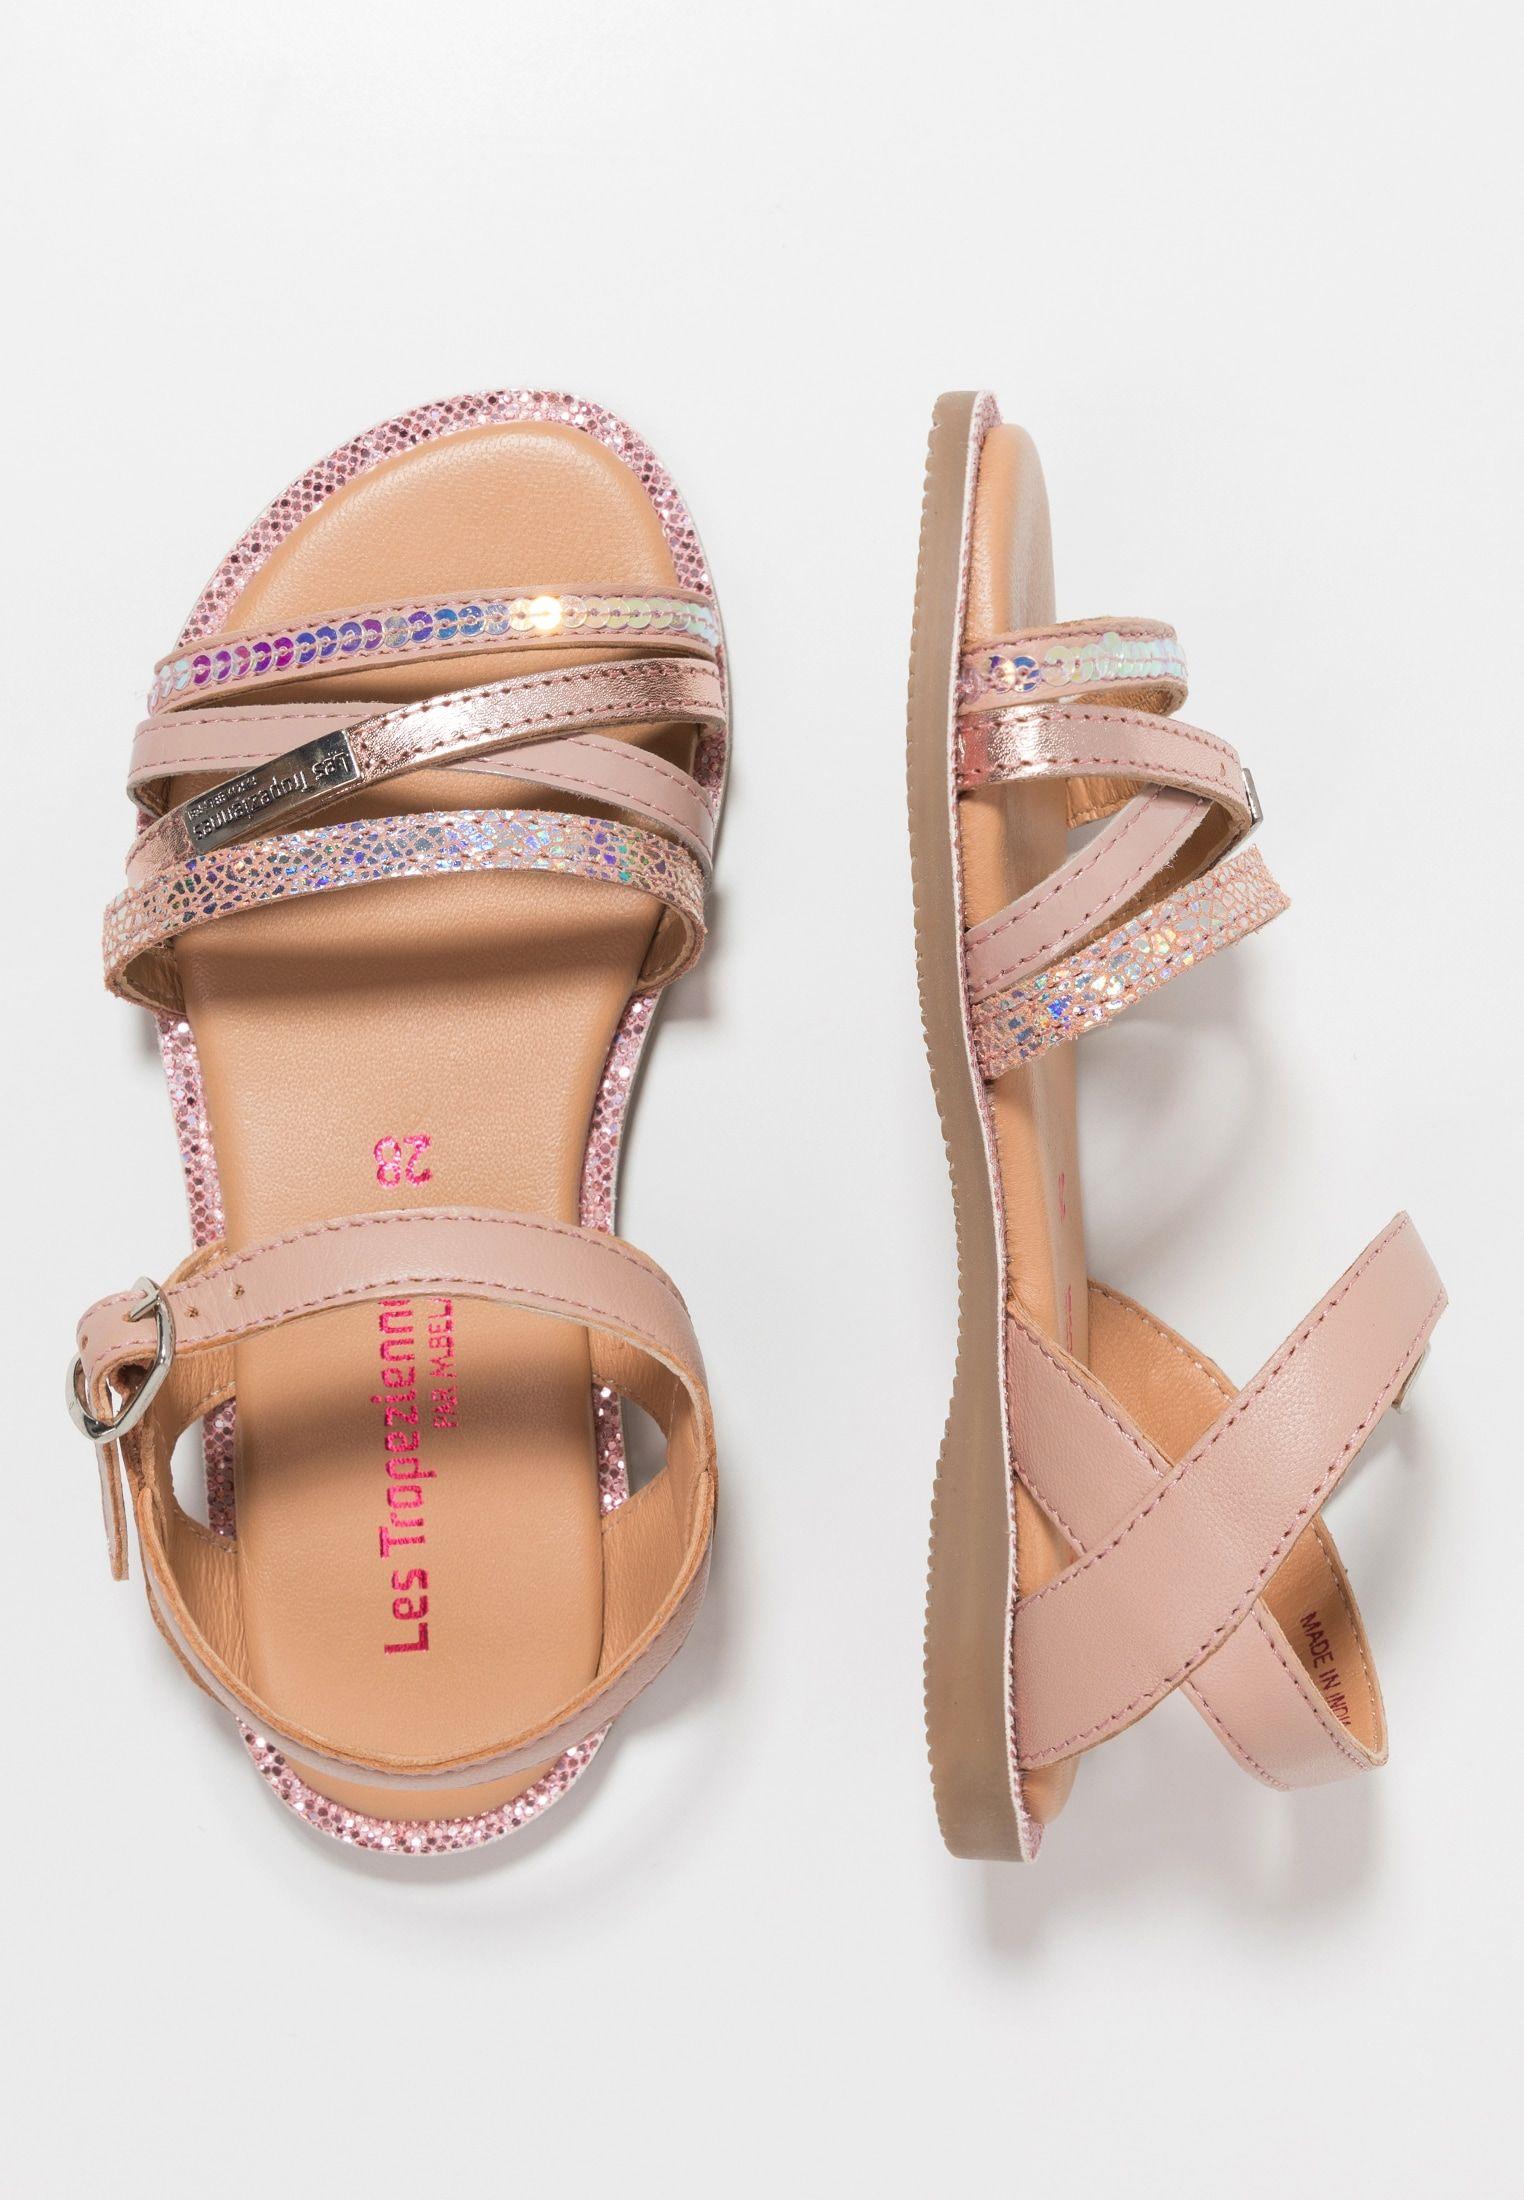 Les Tropeziennes Par M Belarbi Irene Sandals Chair Peche Zalando De Sandalen Kinder Schuhe Zalando